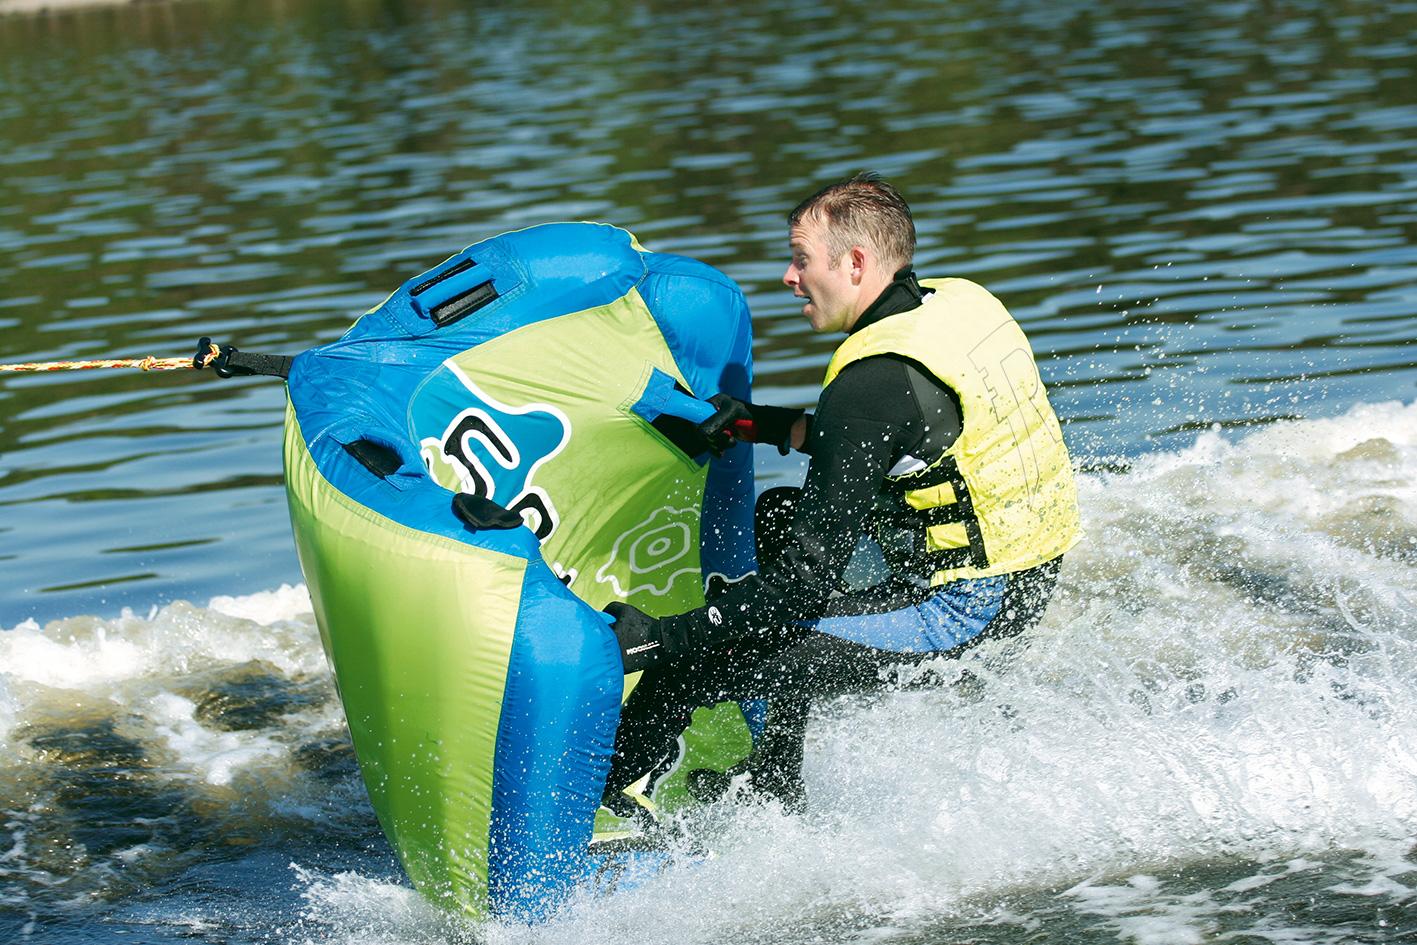 Racing-vannsport,5027,-location-ny-logo2.jpg